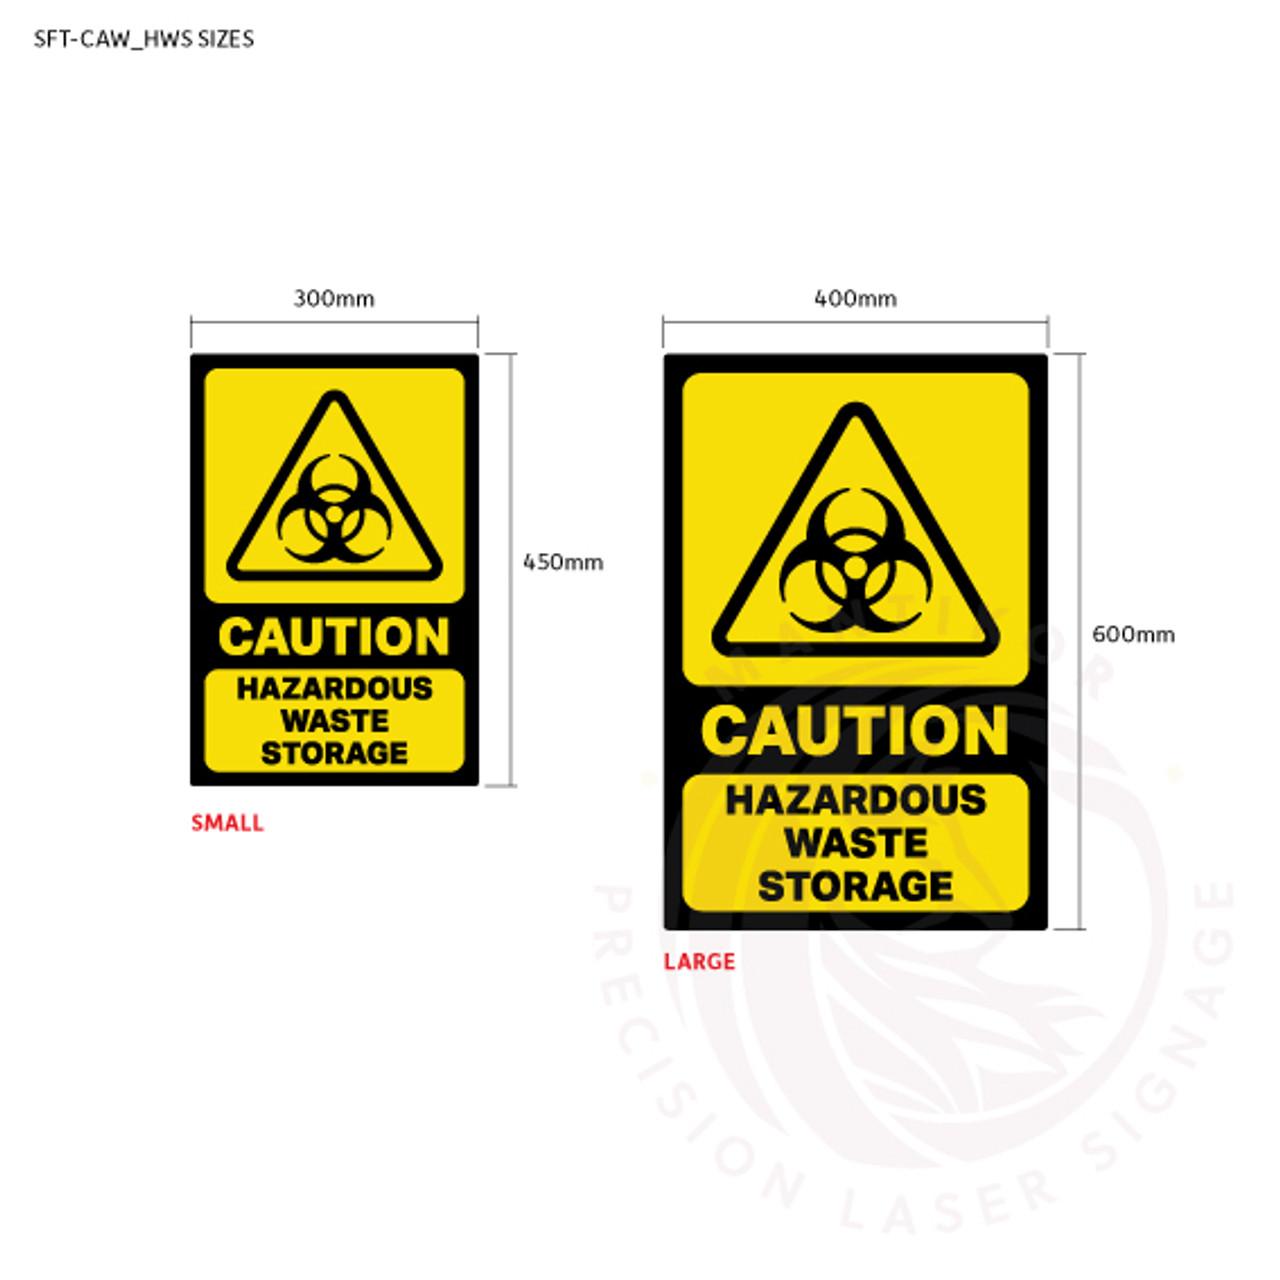 Caution - Hazardous Waste Storage - Sign sizes